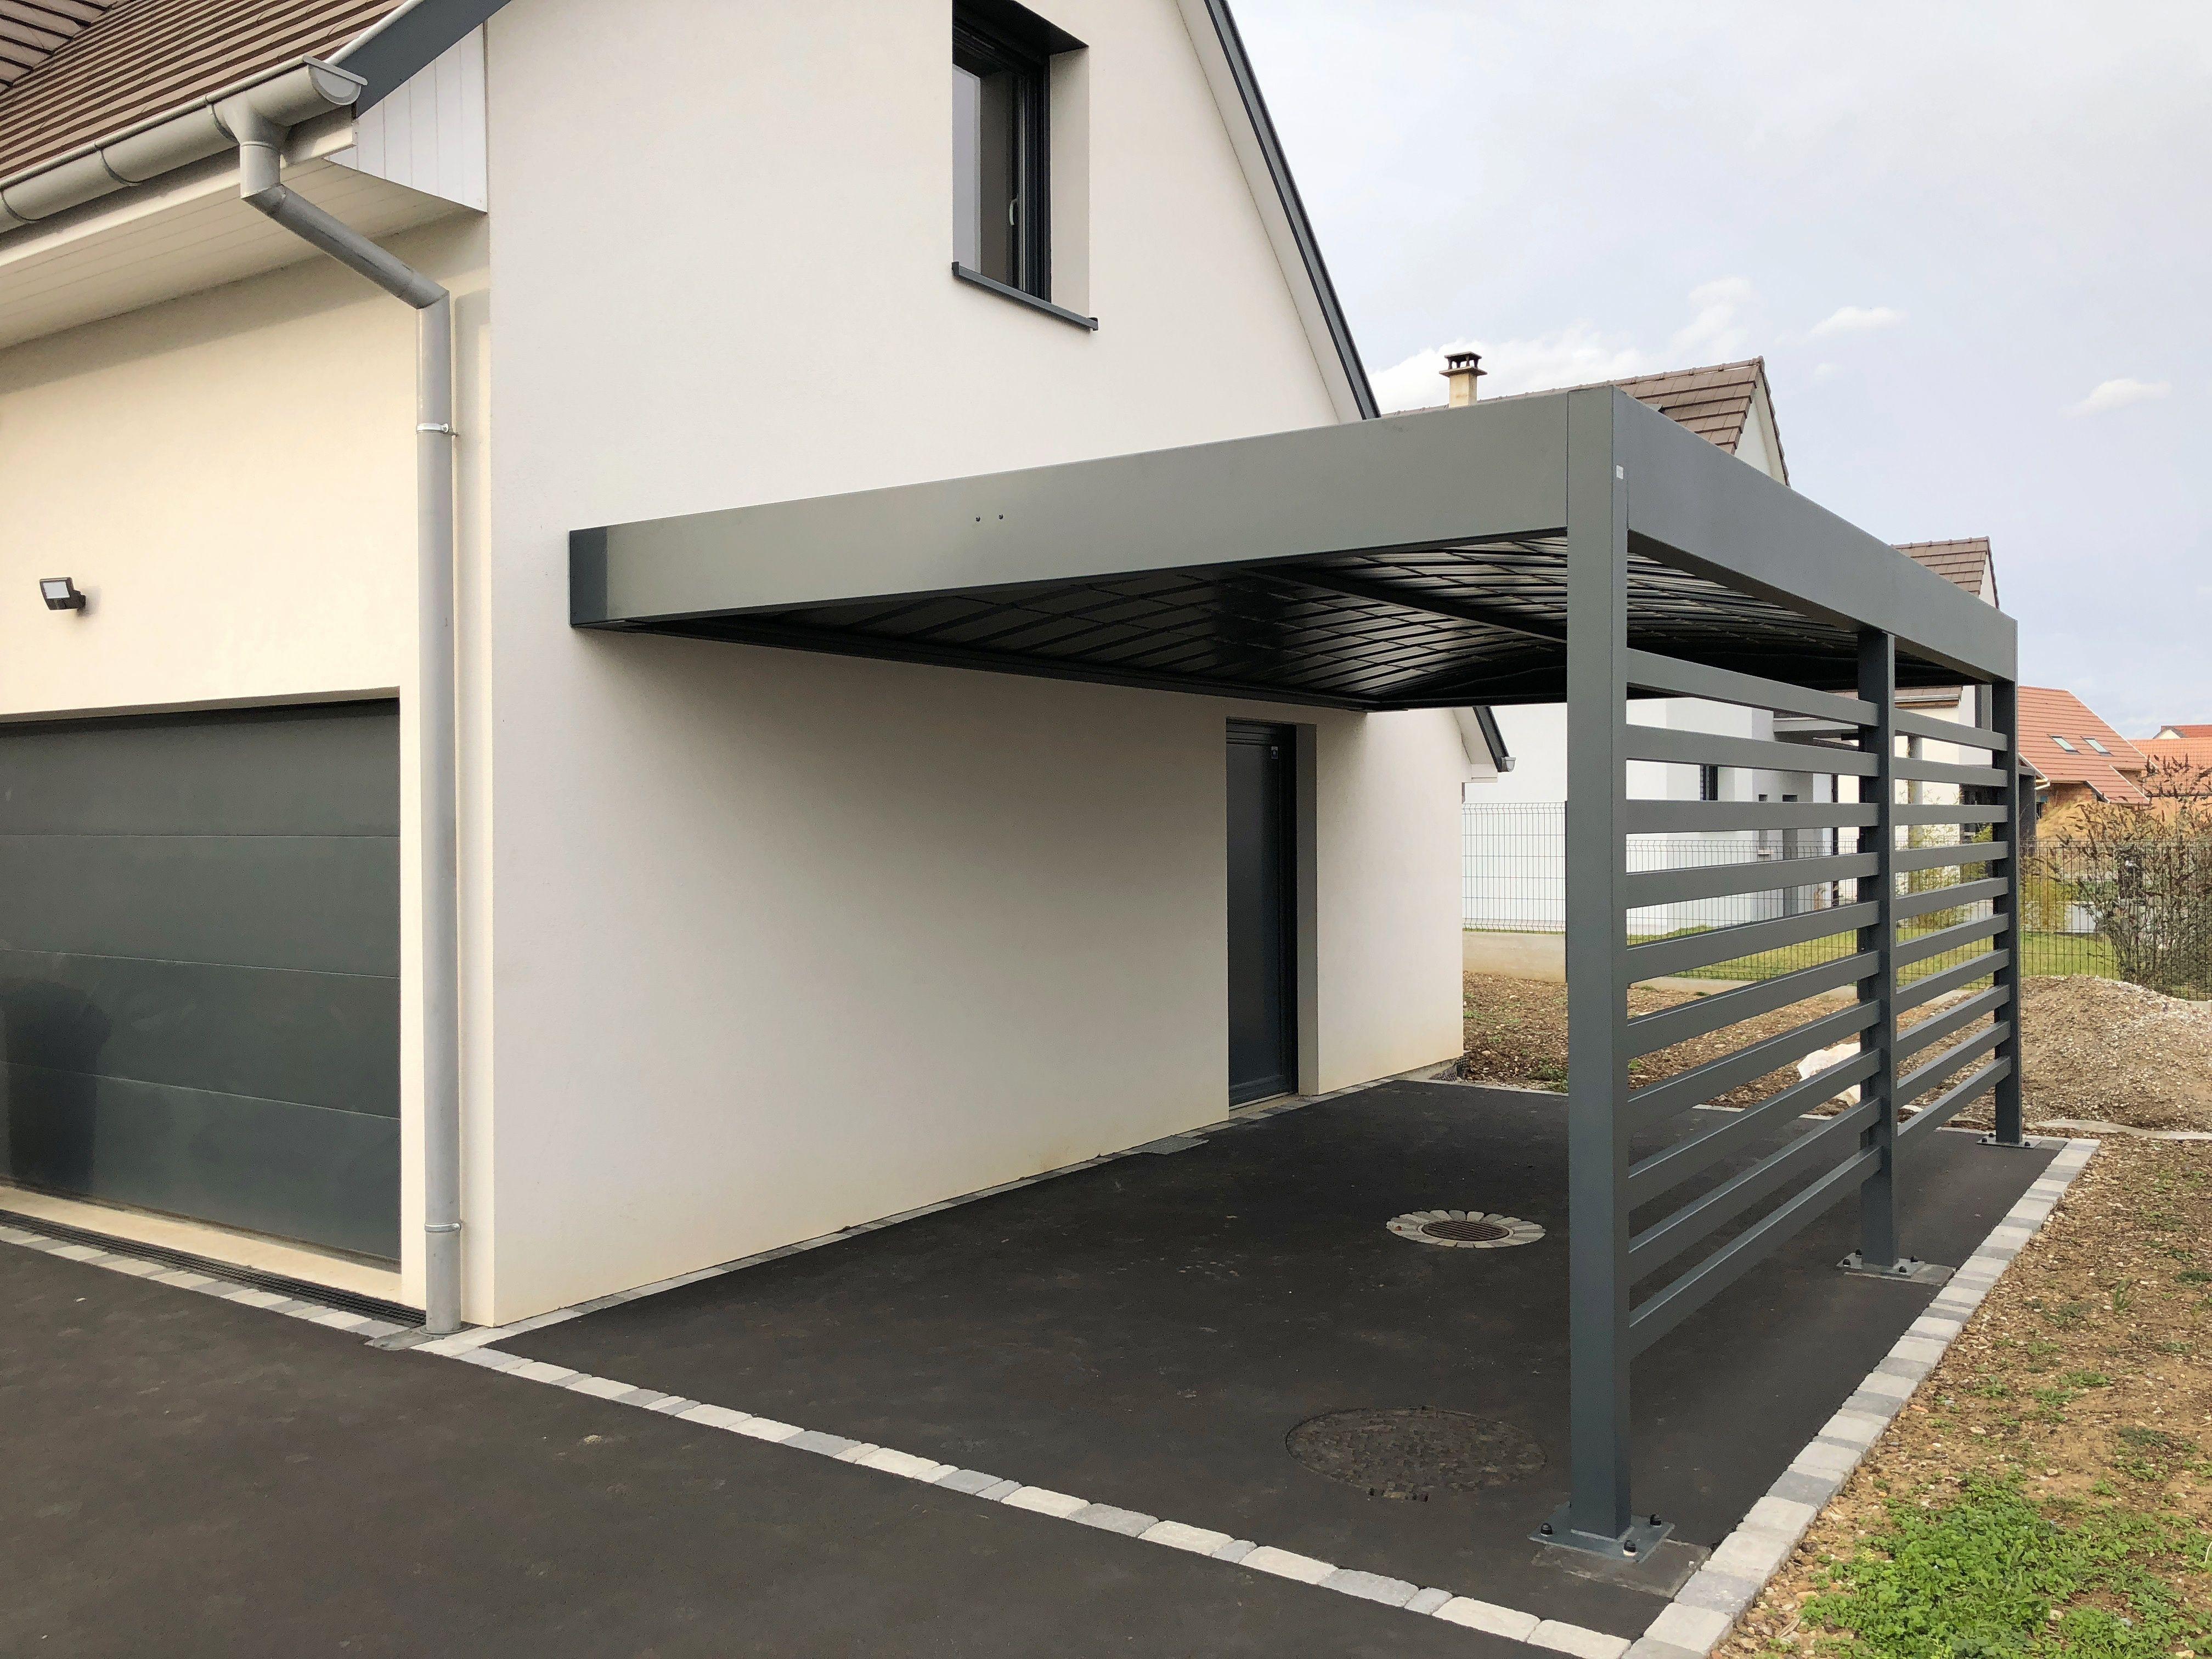 Vordach Auto In 2020 Carport Aus Aluminium Carports Wohnung Renovierung